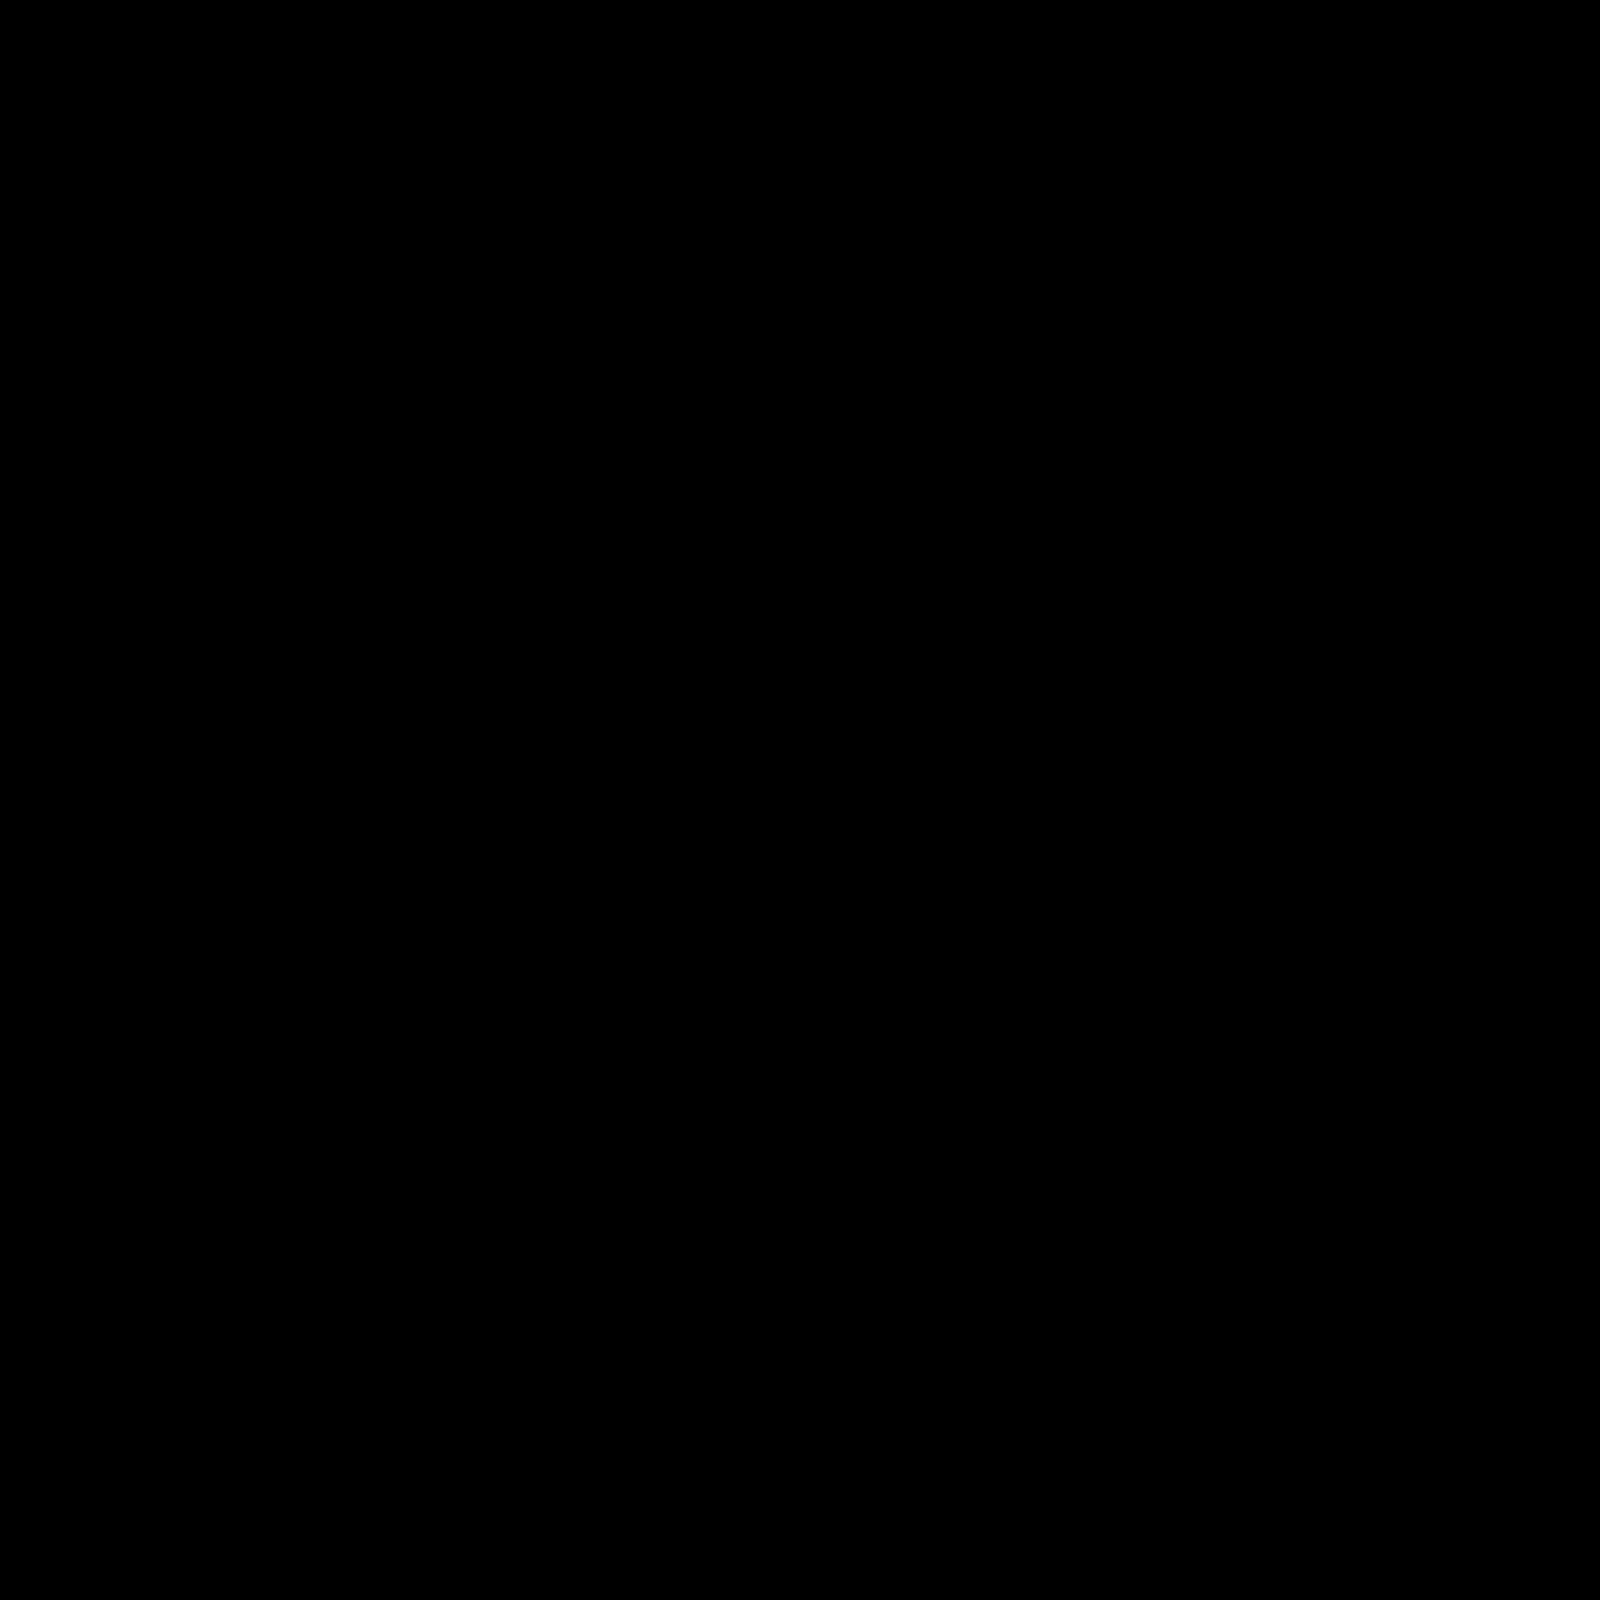 列の追加 icon